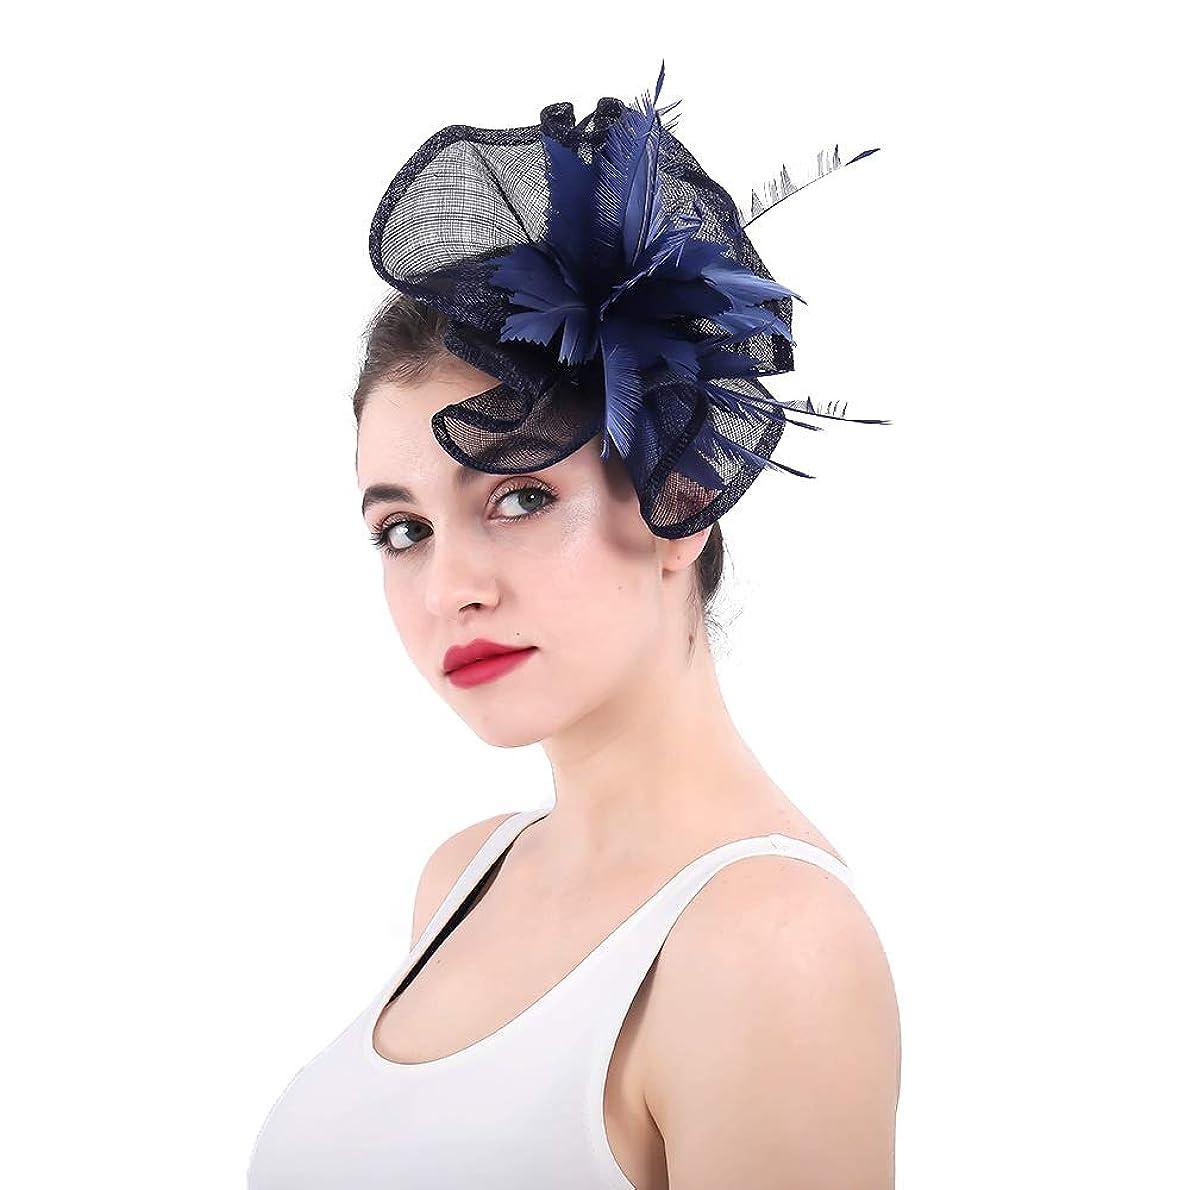 おいしい理論虚弱女性の魅力的な帽子 ネイビーフェザーカチューシャアリスバンド帽子魅惑的な結婚式の女性の日コンペティションロイヤルアスコットカクテルティーパーティー